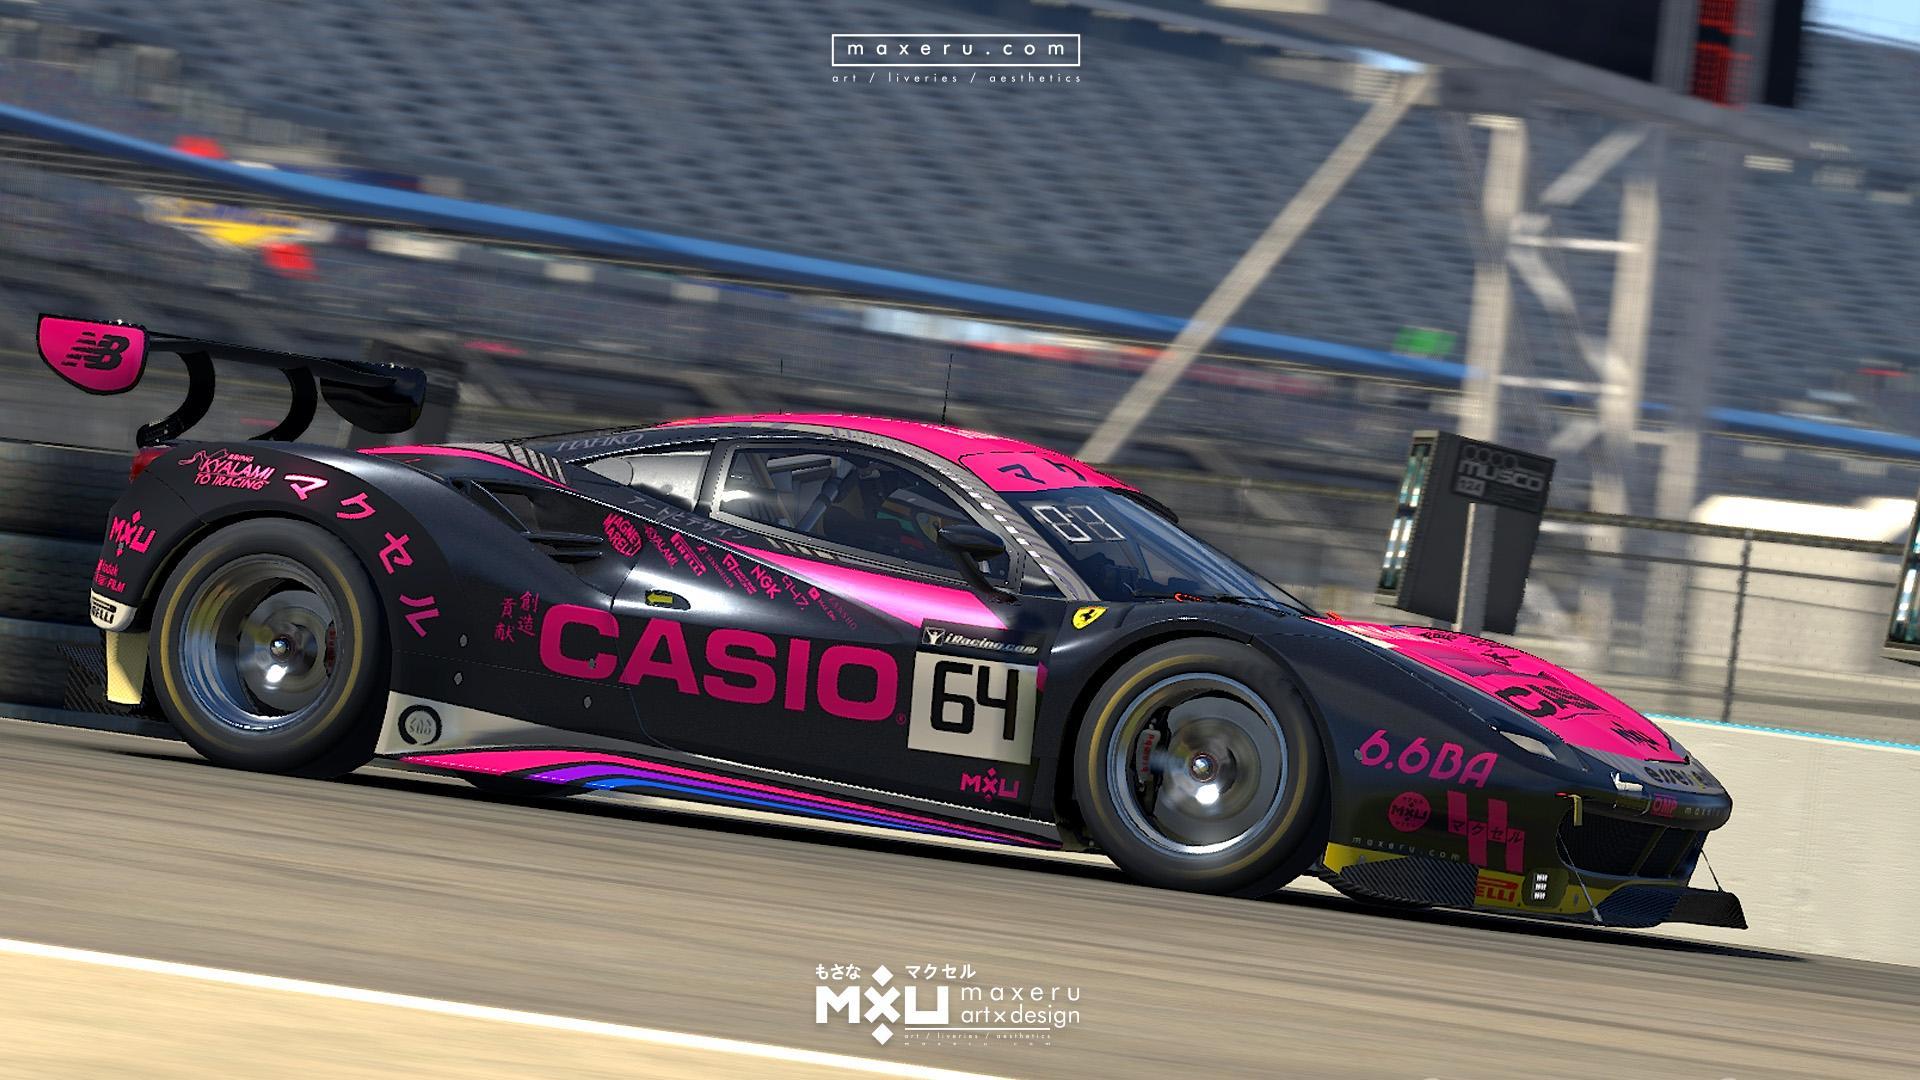 Preview of MXU Casio - Ferrari 488 GT3 (Spec map update) by Bryce L.